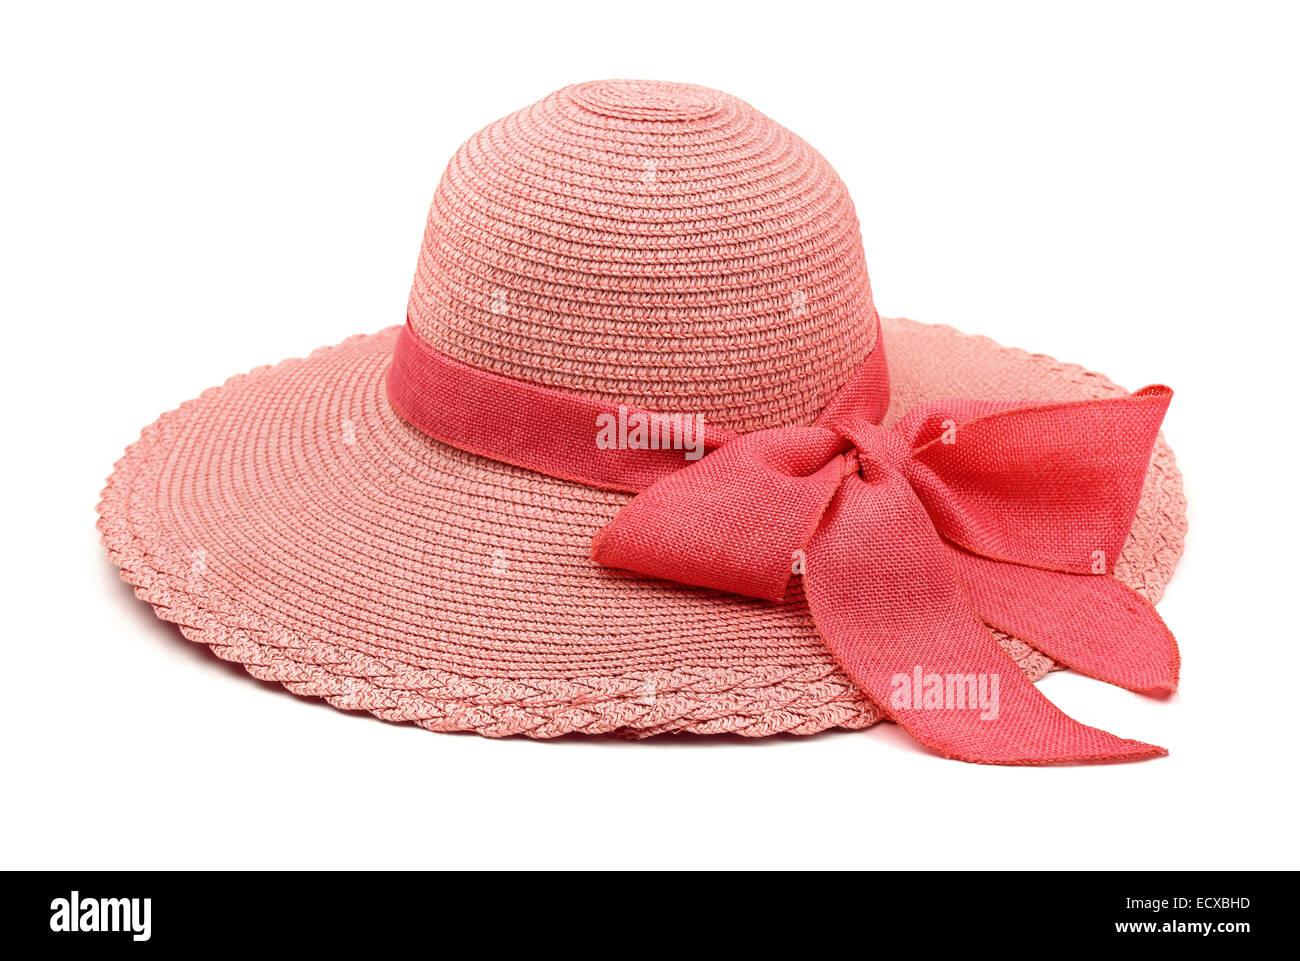 Rosa cappello di paglia con fiocco isolato su bianco Immagini Stock